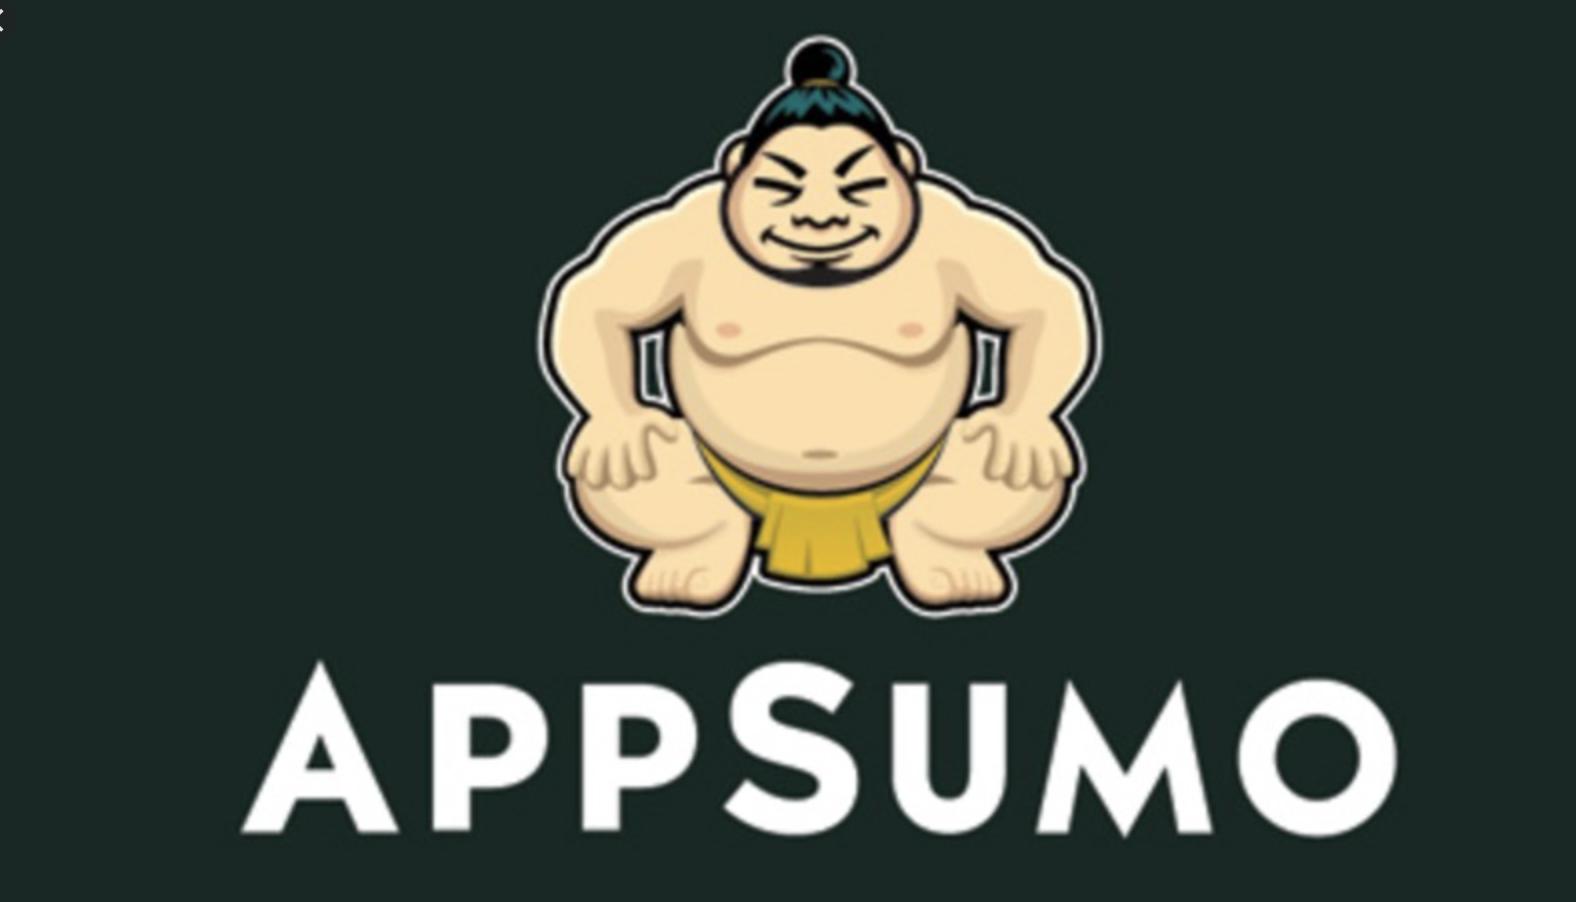 Best AppSumo Deals 2020